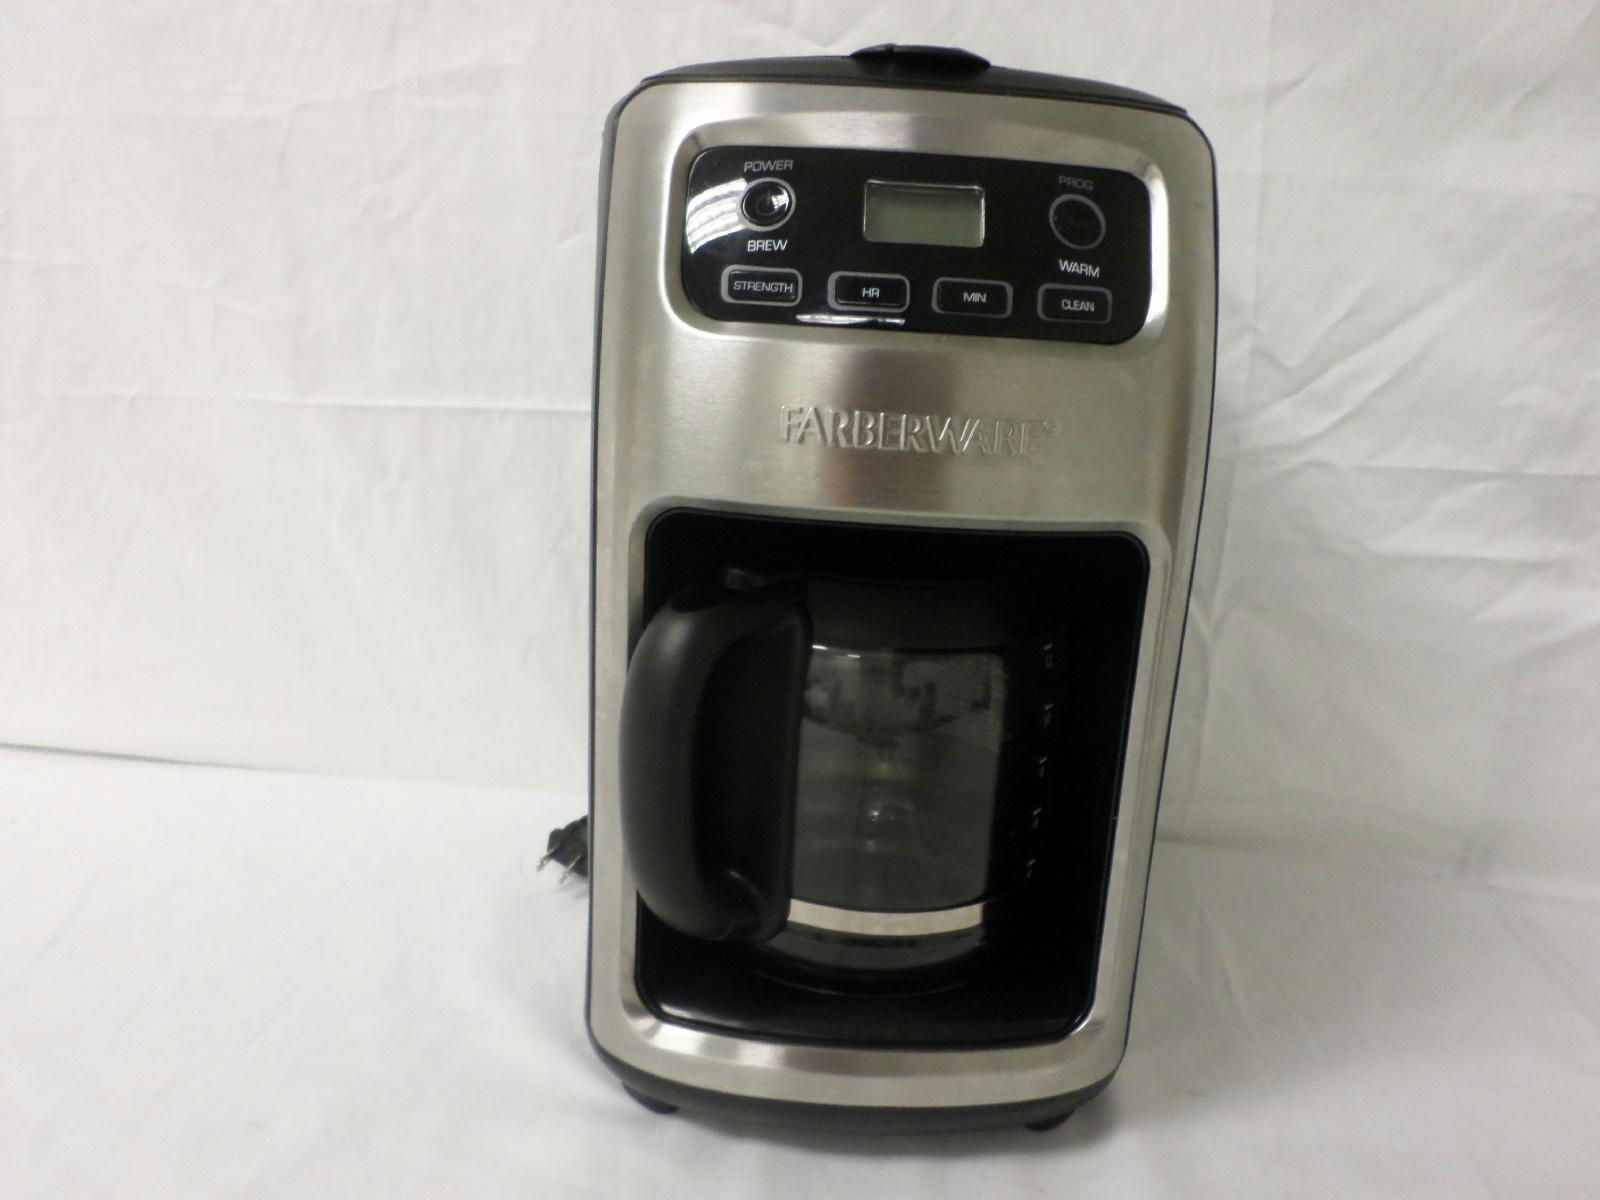 Farberware Coffee Maker Ratings : Farberware 12 Cup Coffee Maker 103744 Black eBay